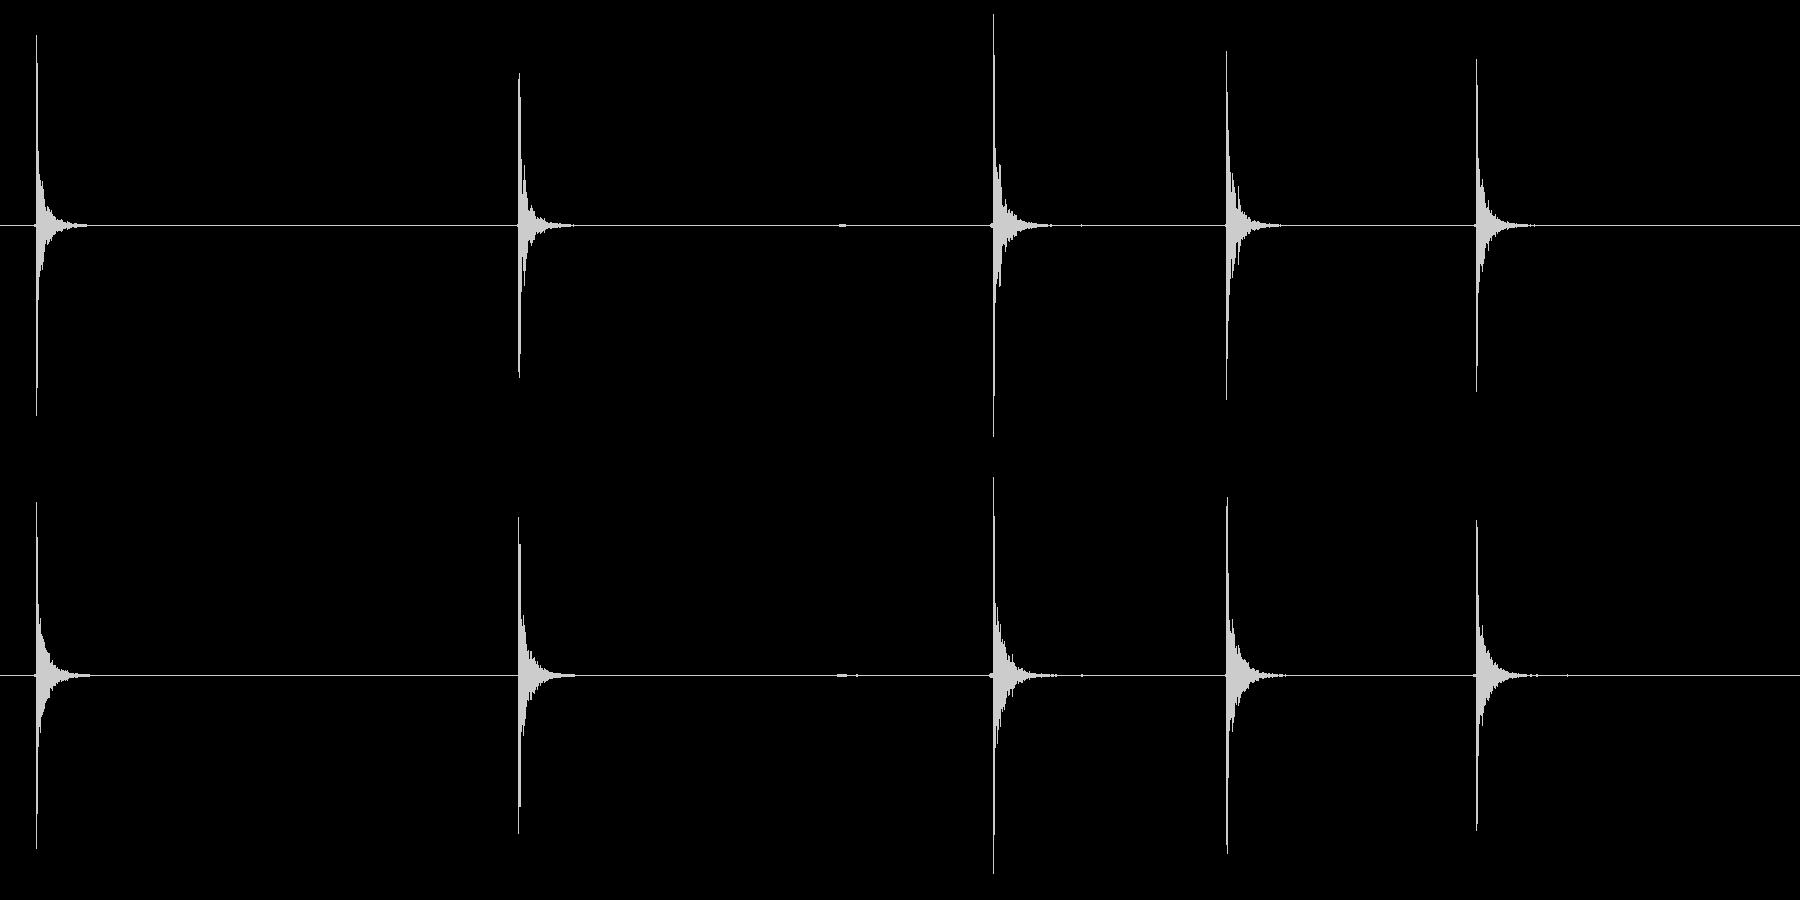 ドラムのスティック(カウント)の未再生の波形